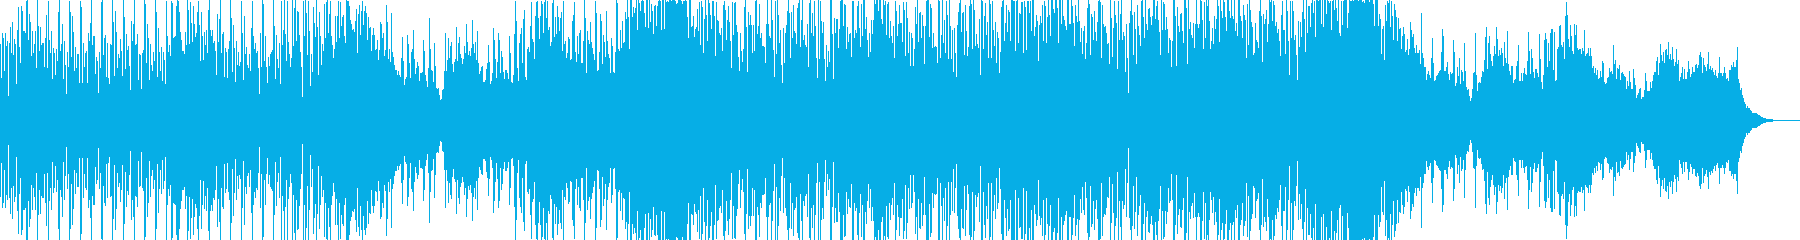 優しい感じのトロピカルハウスの再生済みの波形